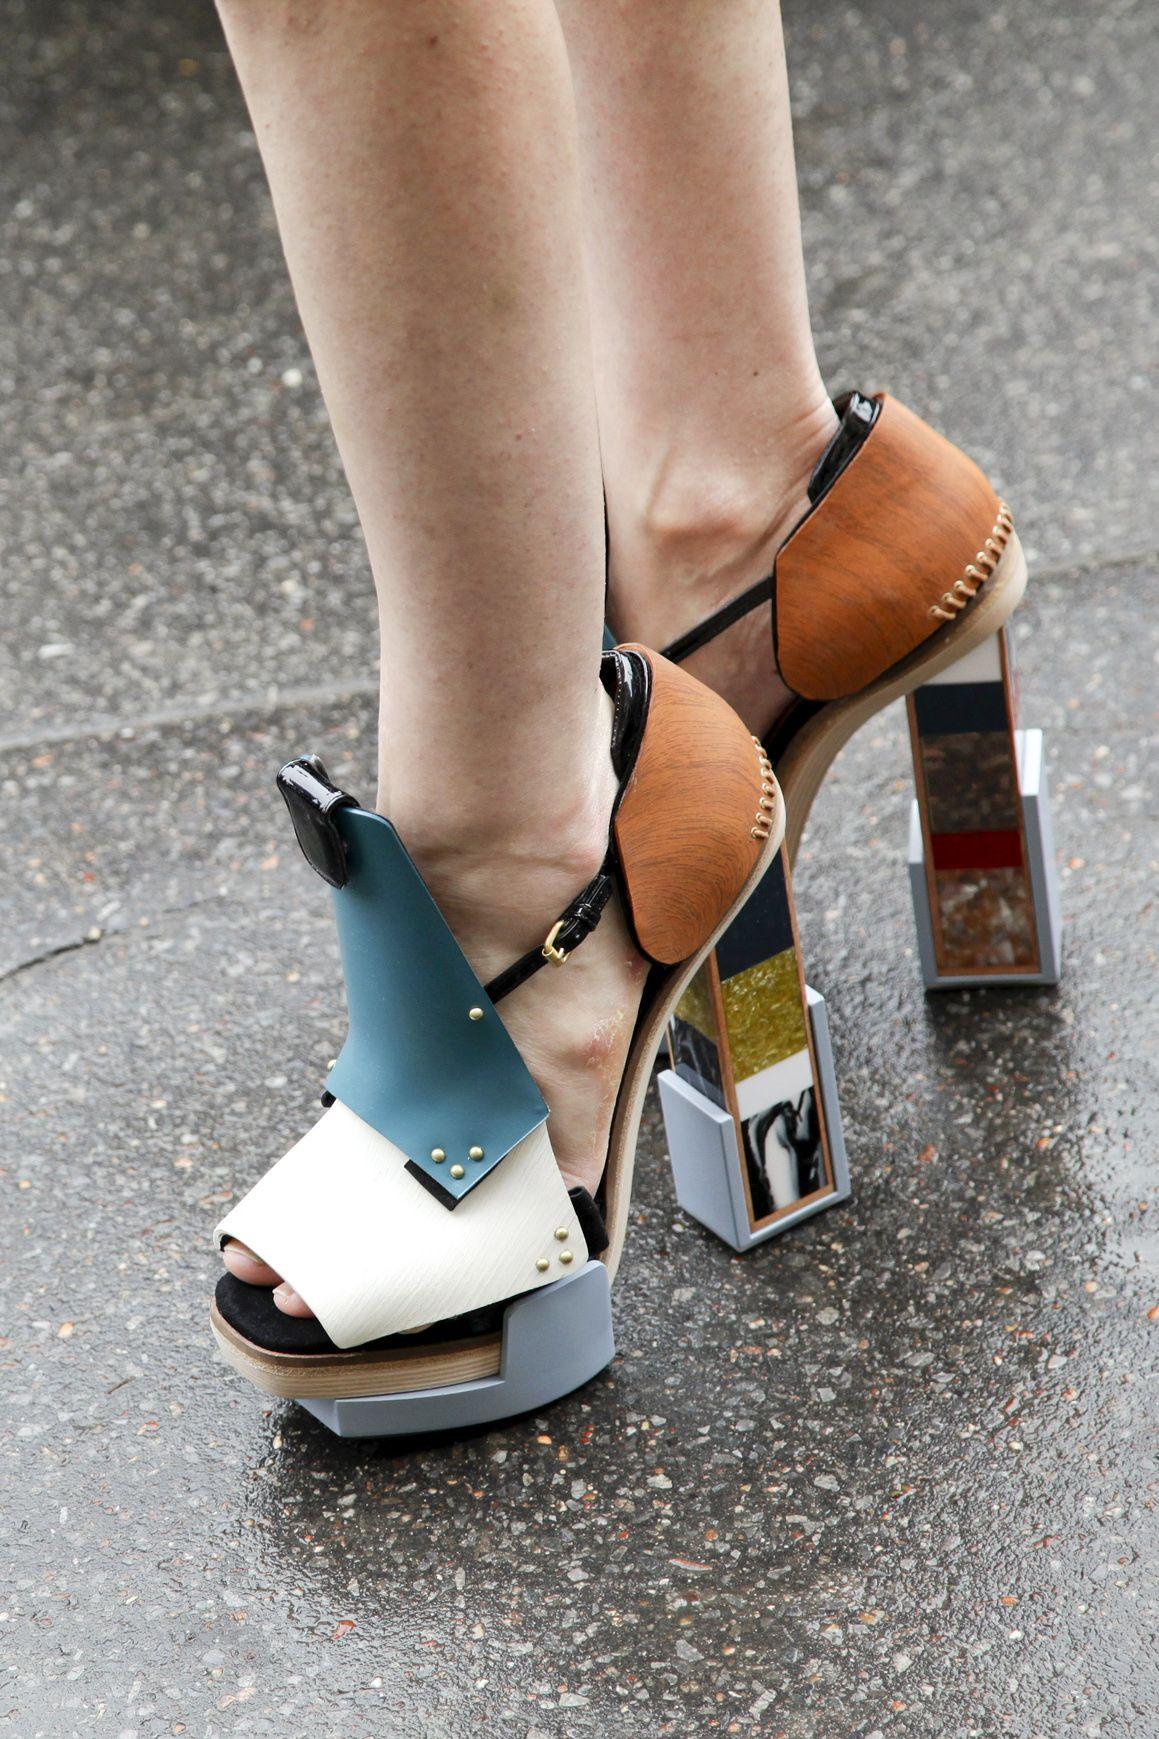 44e1073bca733 Balenciaga Shoes #art #shoes #artshoes #style #fashion #mode #godsaveshoes